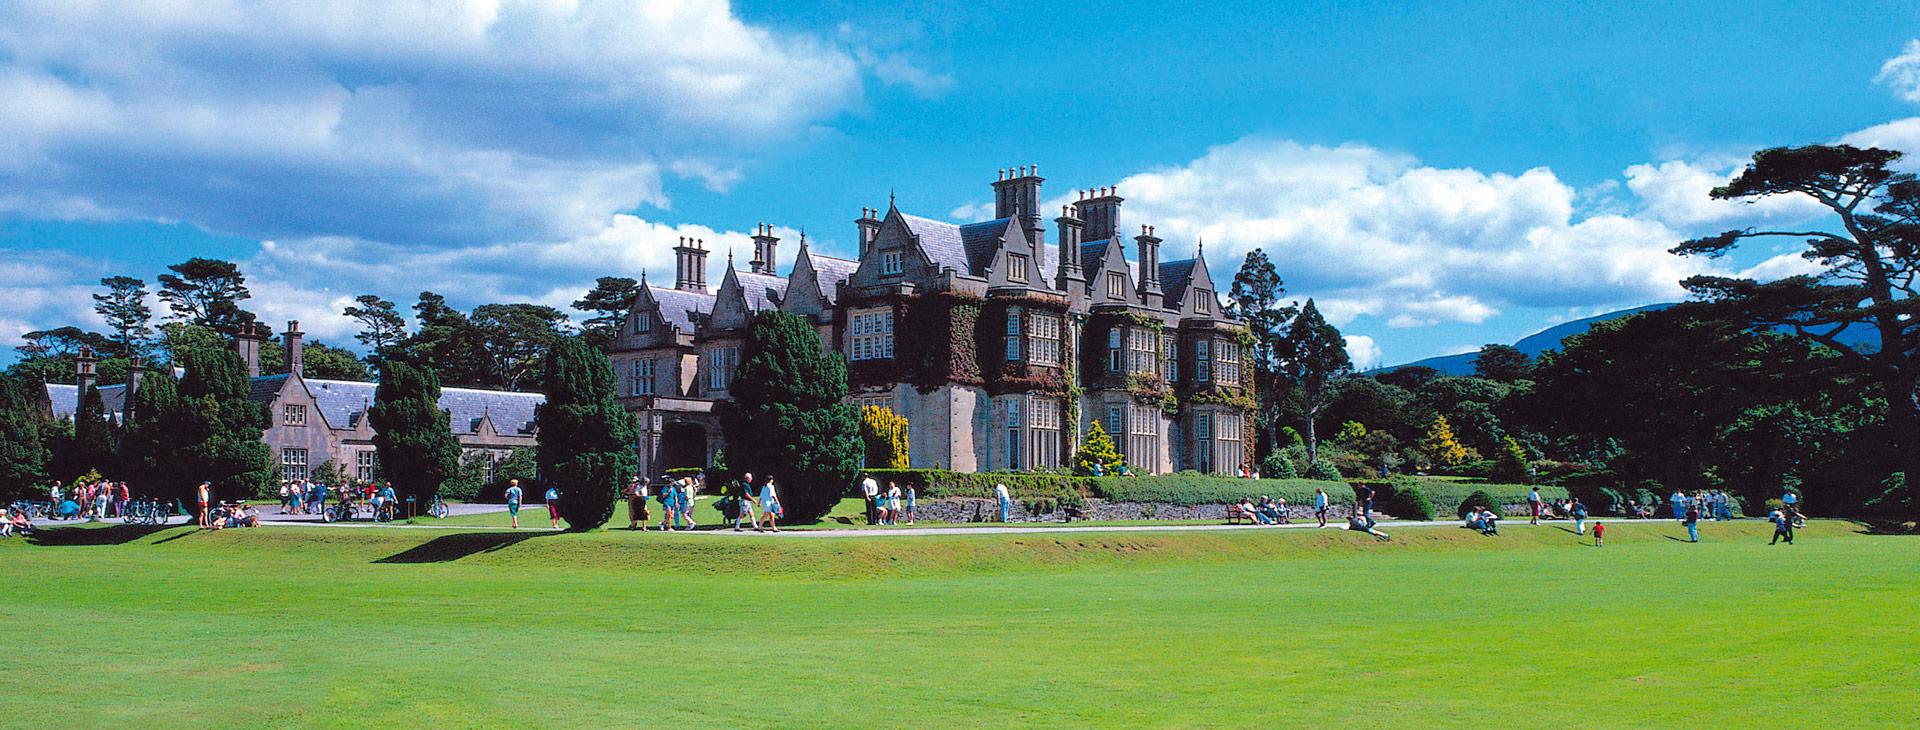 Muckross House Killarney Ireland, Muckross Park, Ring of